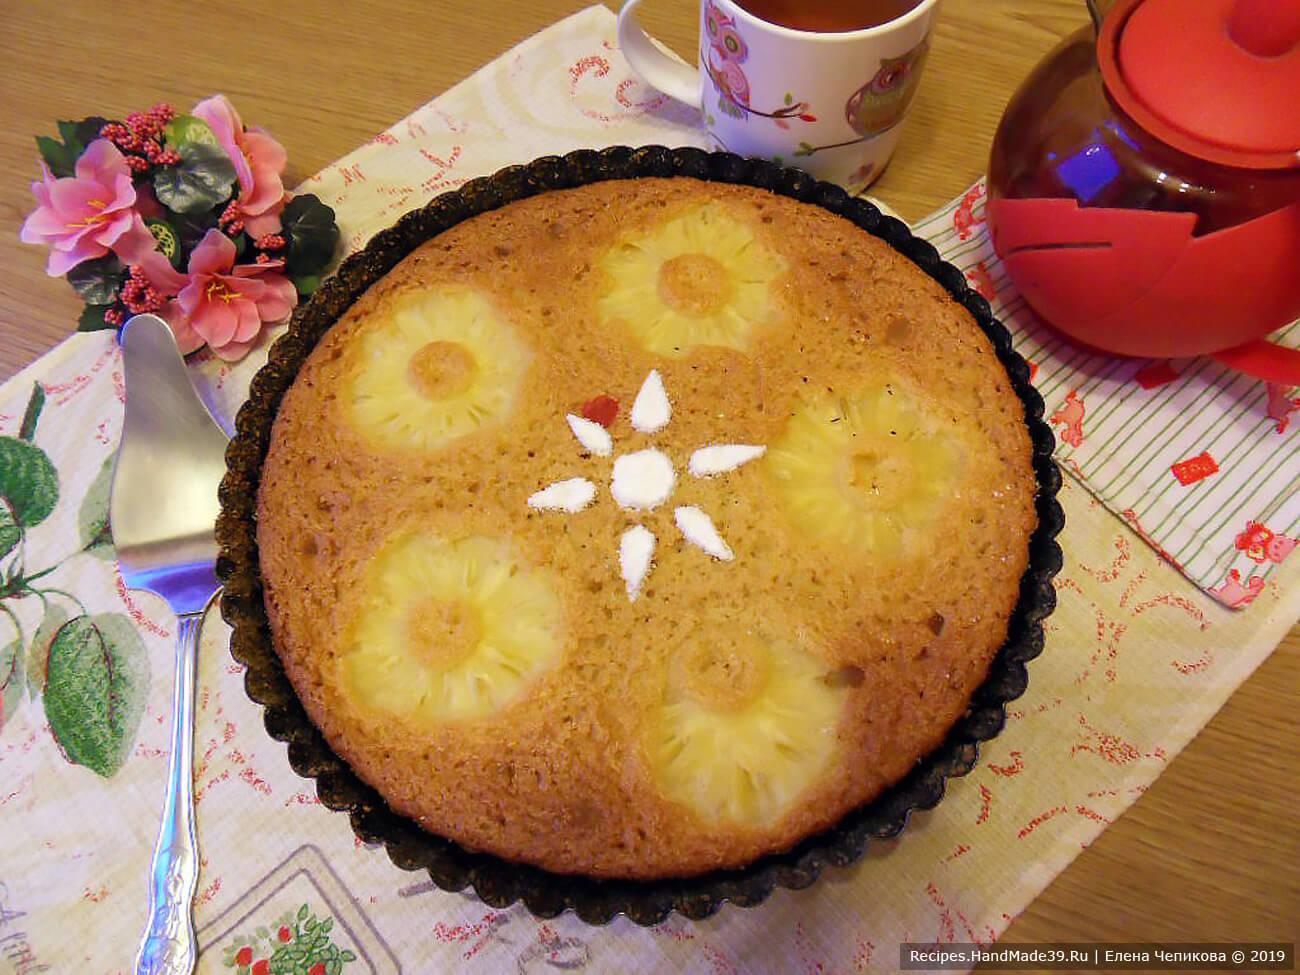 Рецепт пирога-манника на йогурте с ананасами: как сделать вкусную выпечку без муки